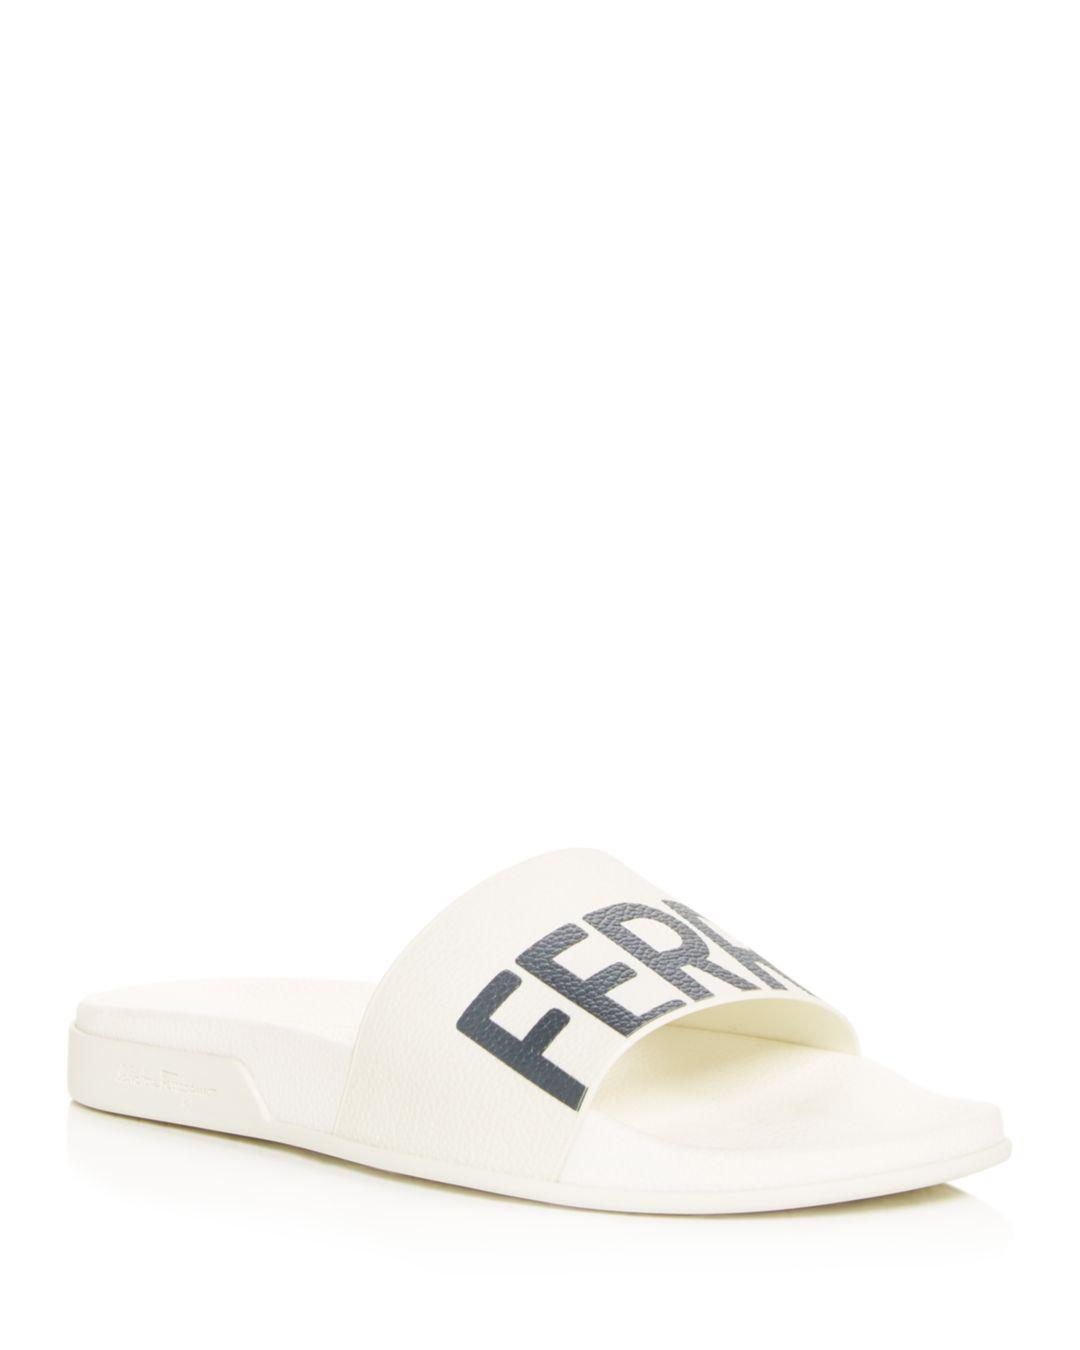 0cbda777bb6f Lyst - Ferragamo Men s Amos Slide Sandals in White for Men